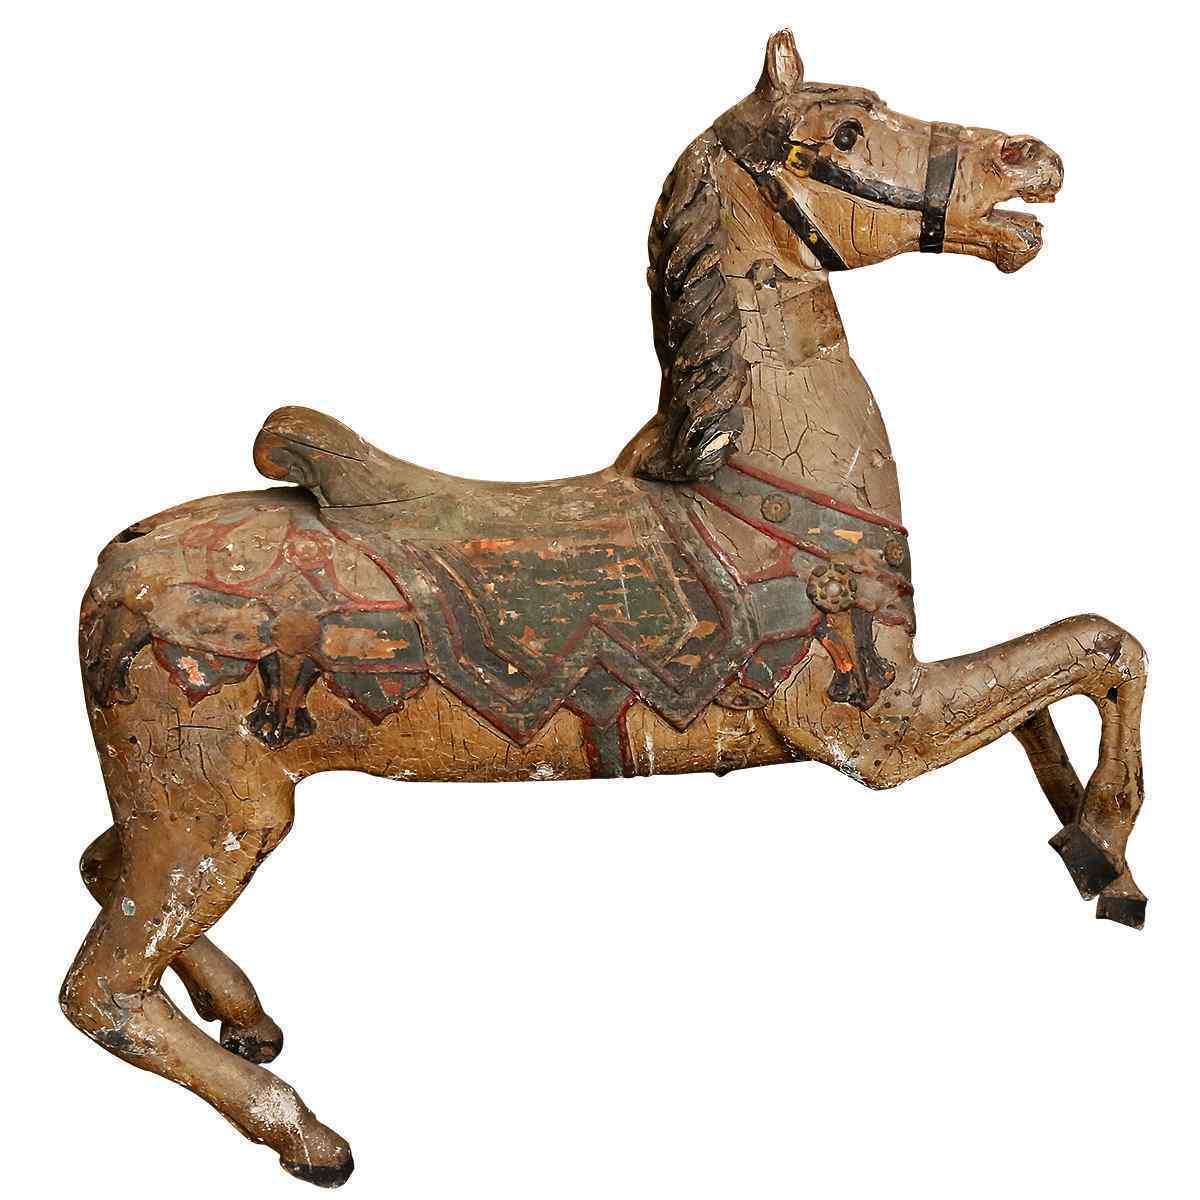 Карусельная лошадь Фридриха Хейна конца XIX века